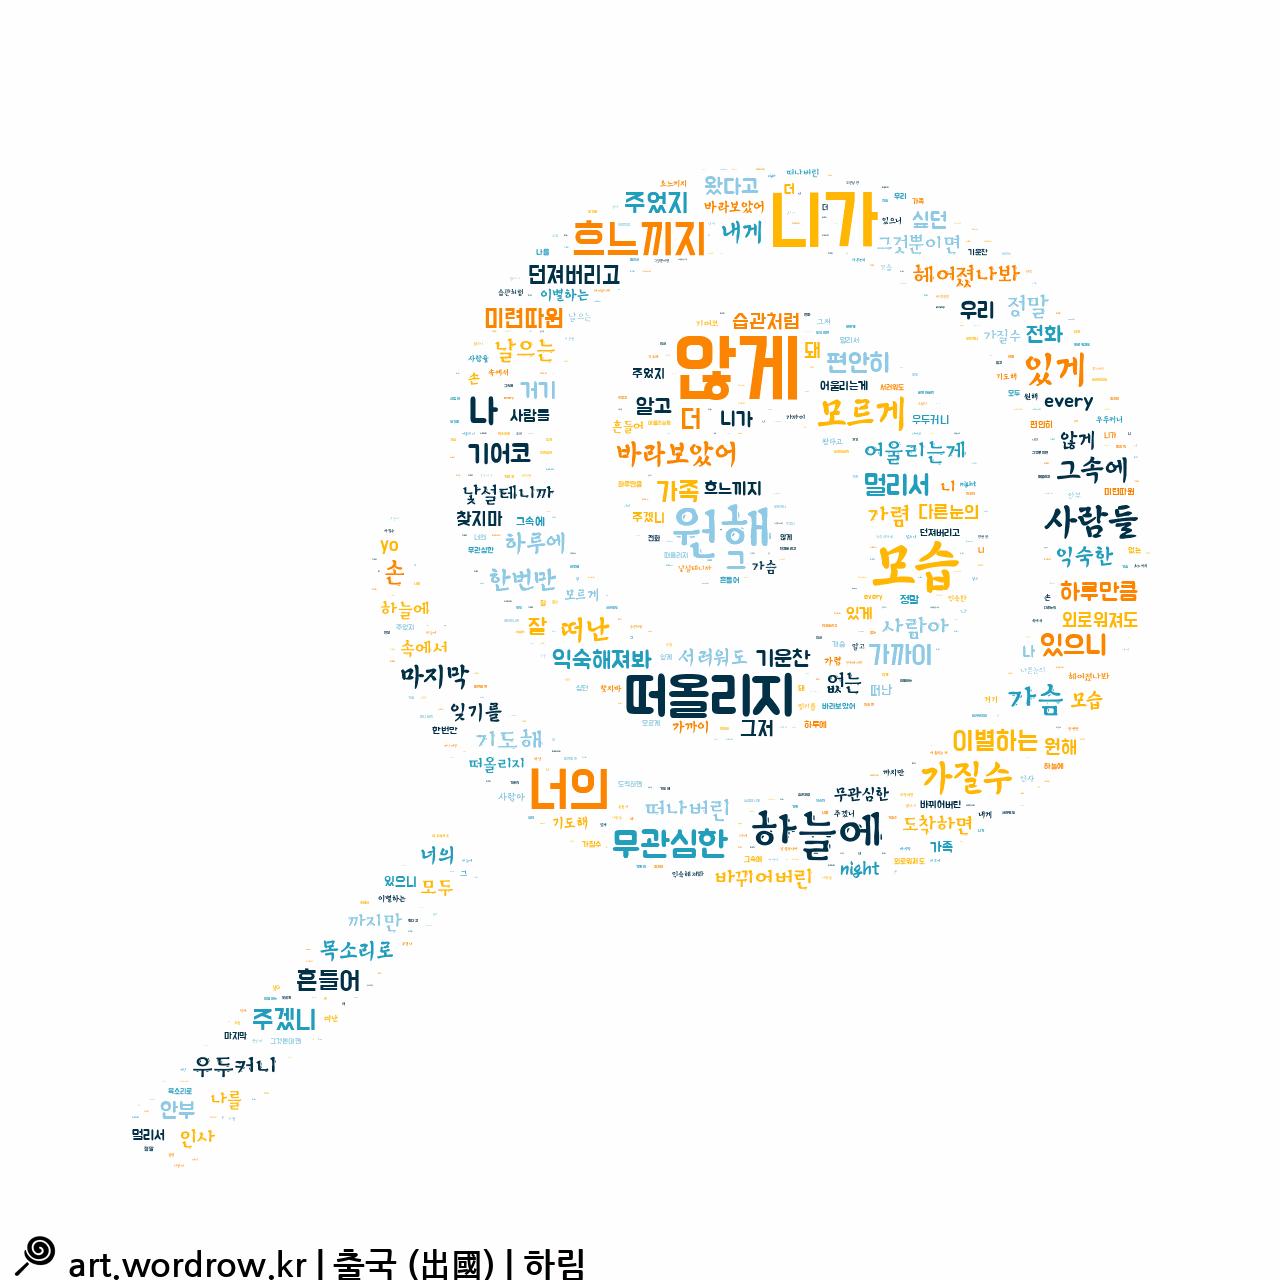 워드 클라우드: 출국 (出國) [하림]-6